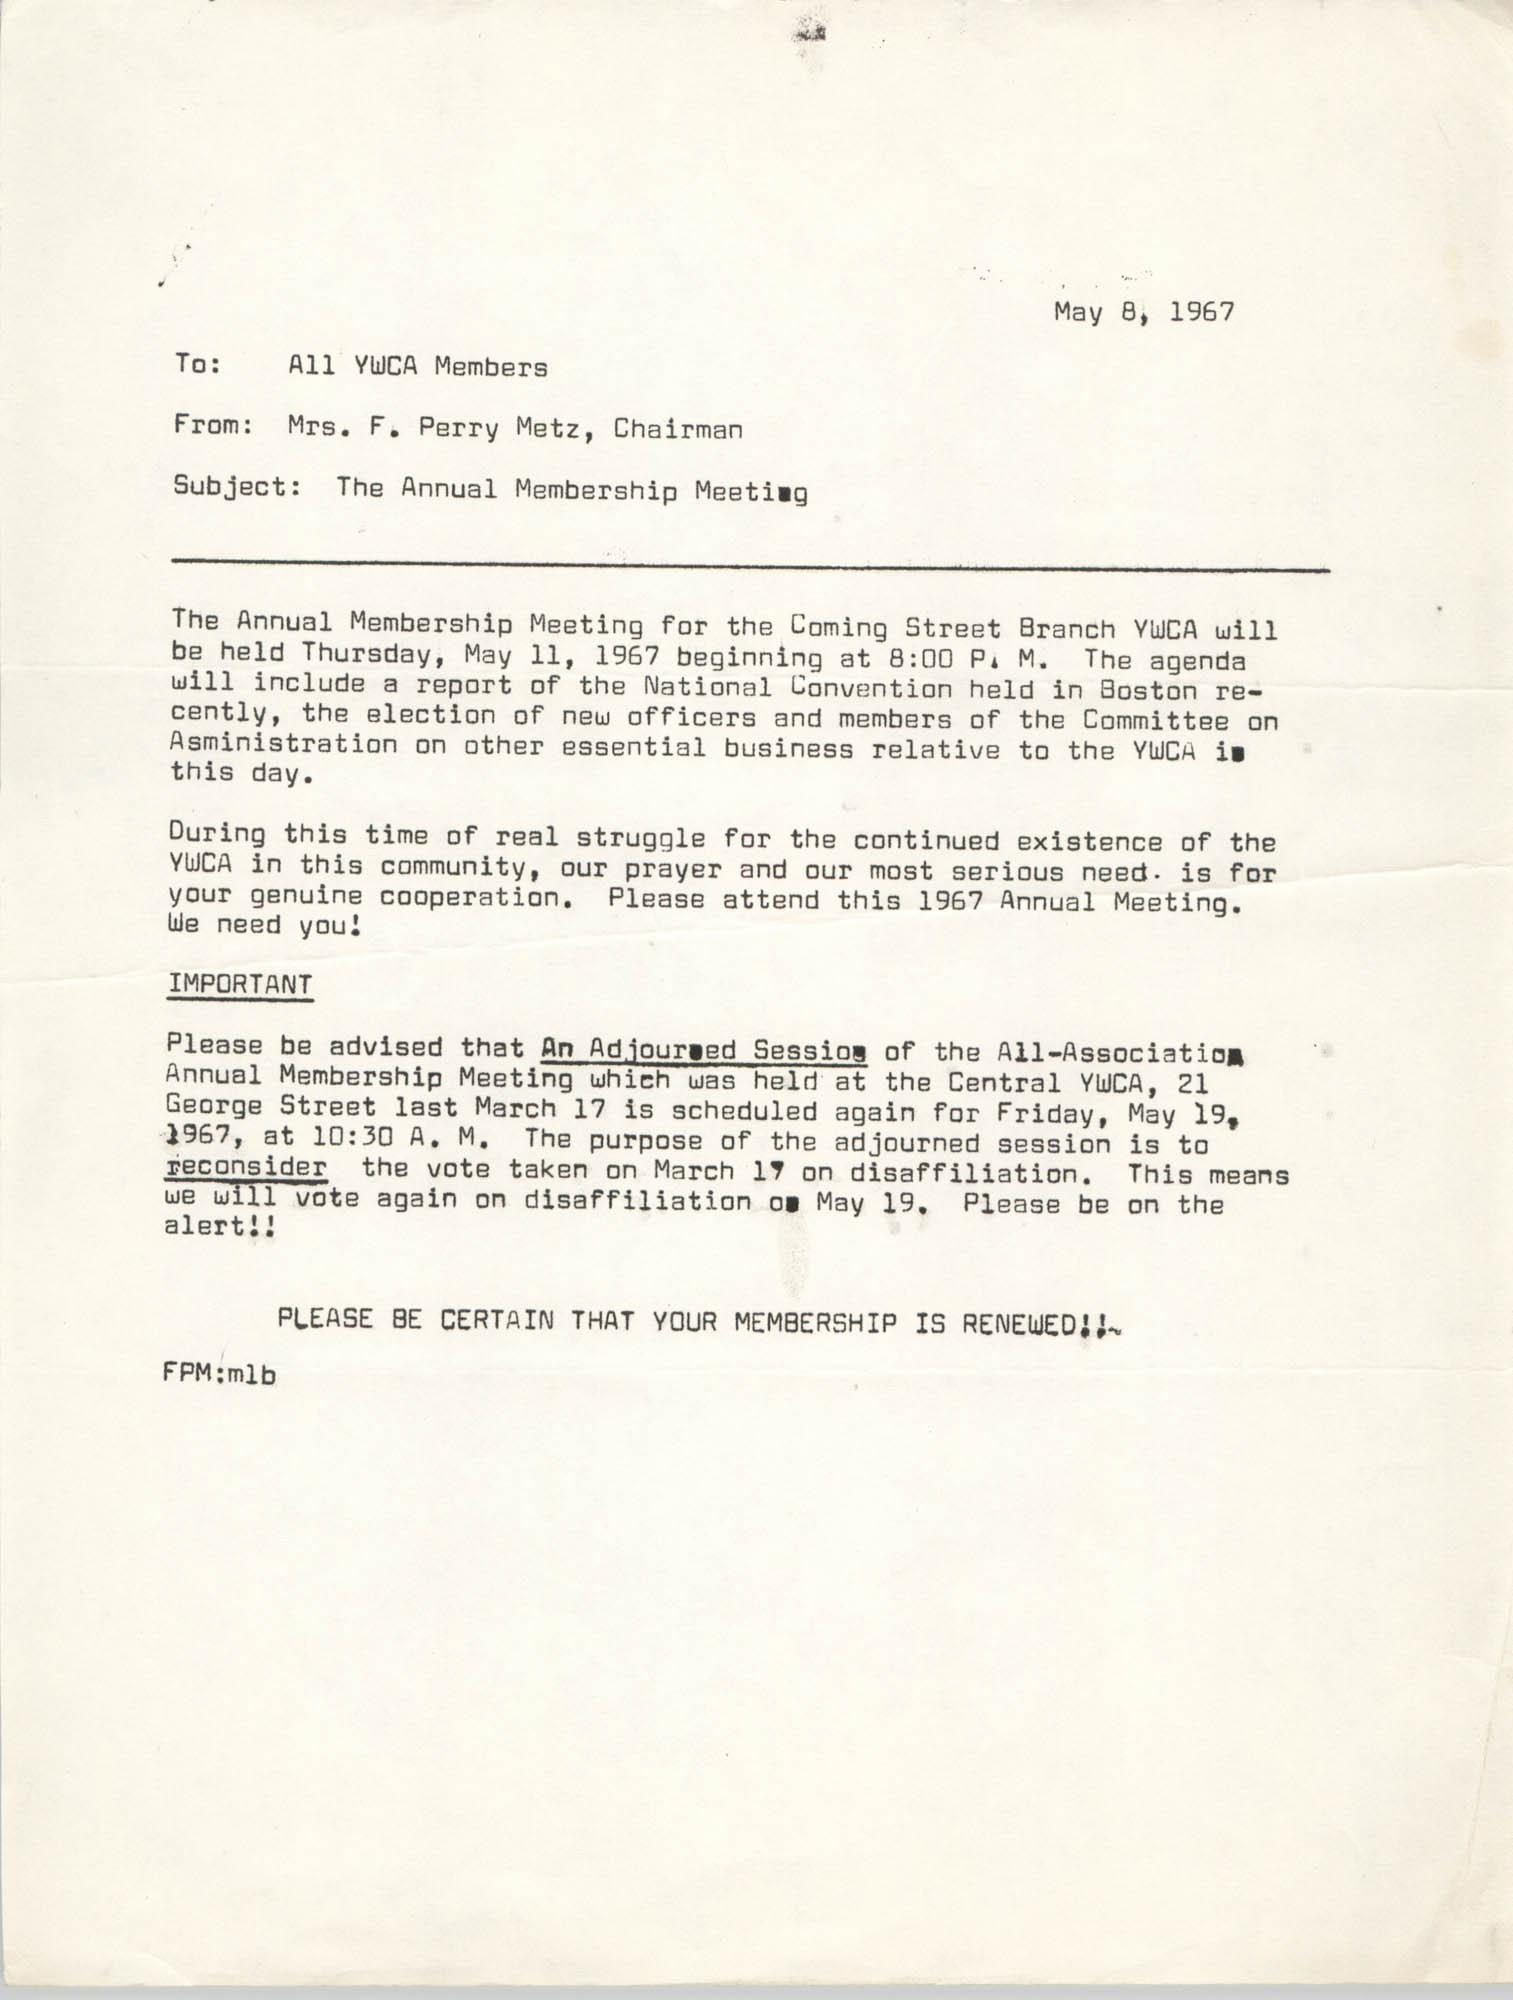 Coming Street Y.W.C.A. Memorandum, May 8, 1967